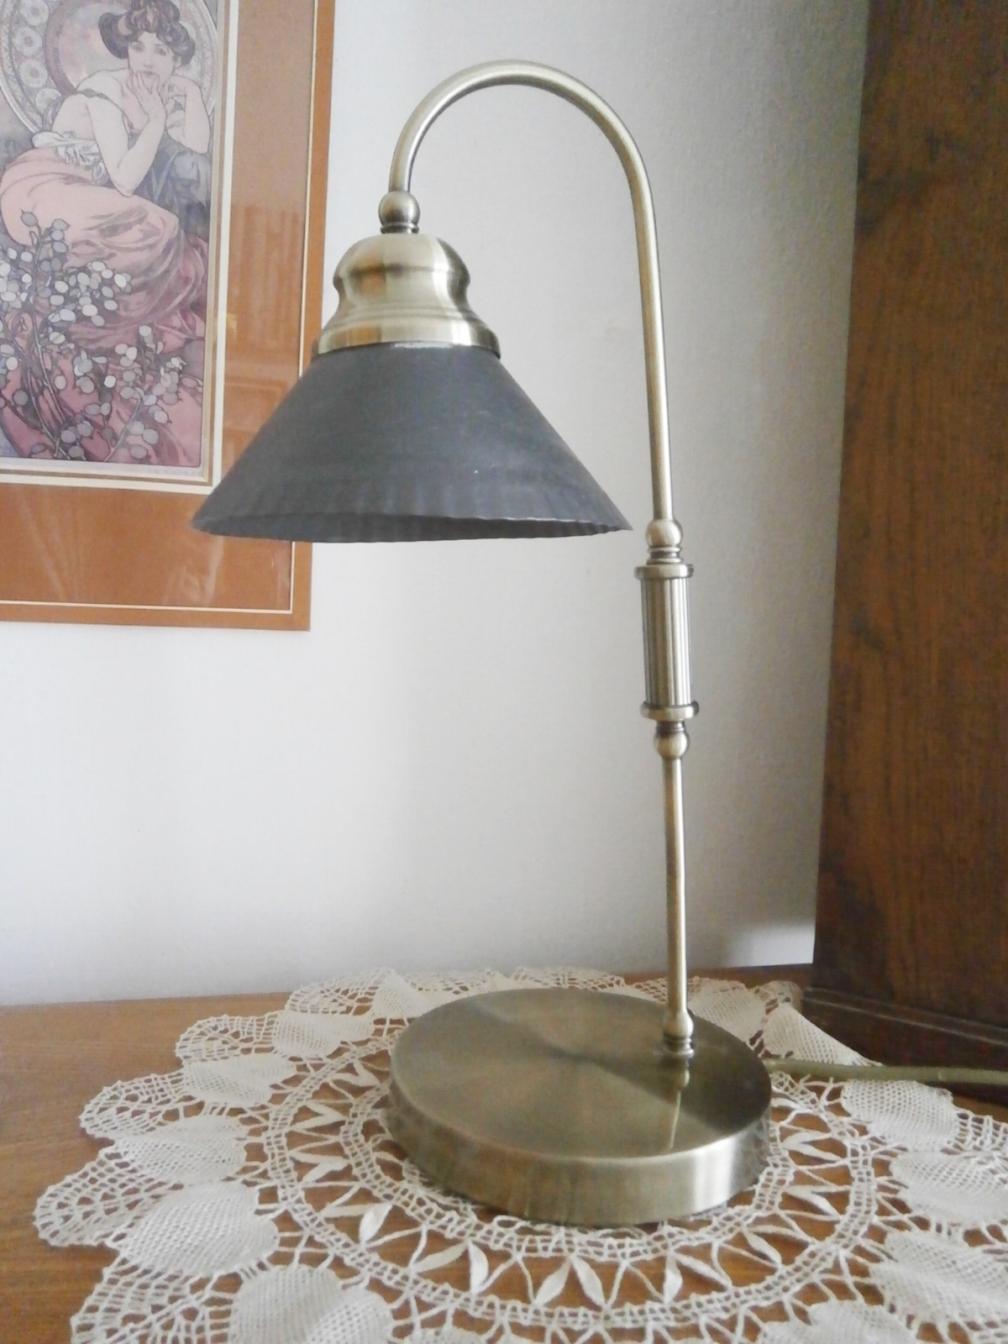 Retro kovová lampa - Obrázek č. 1